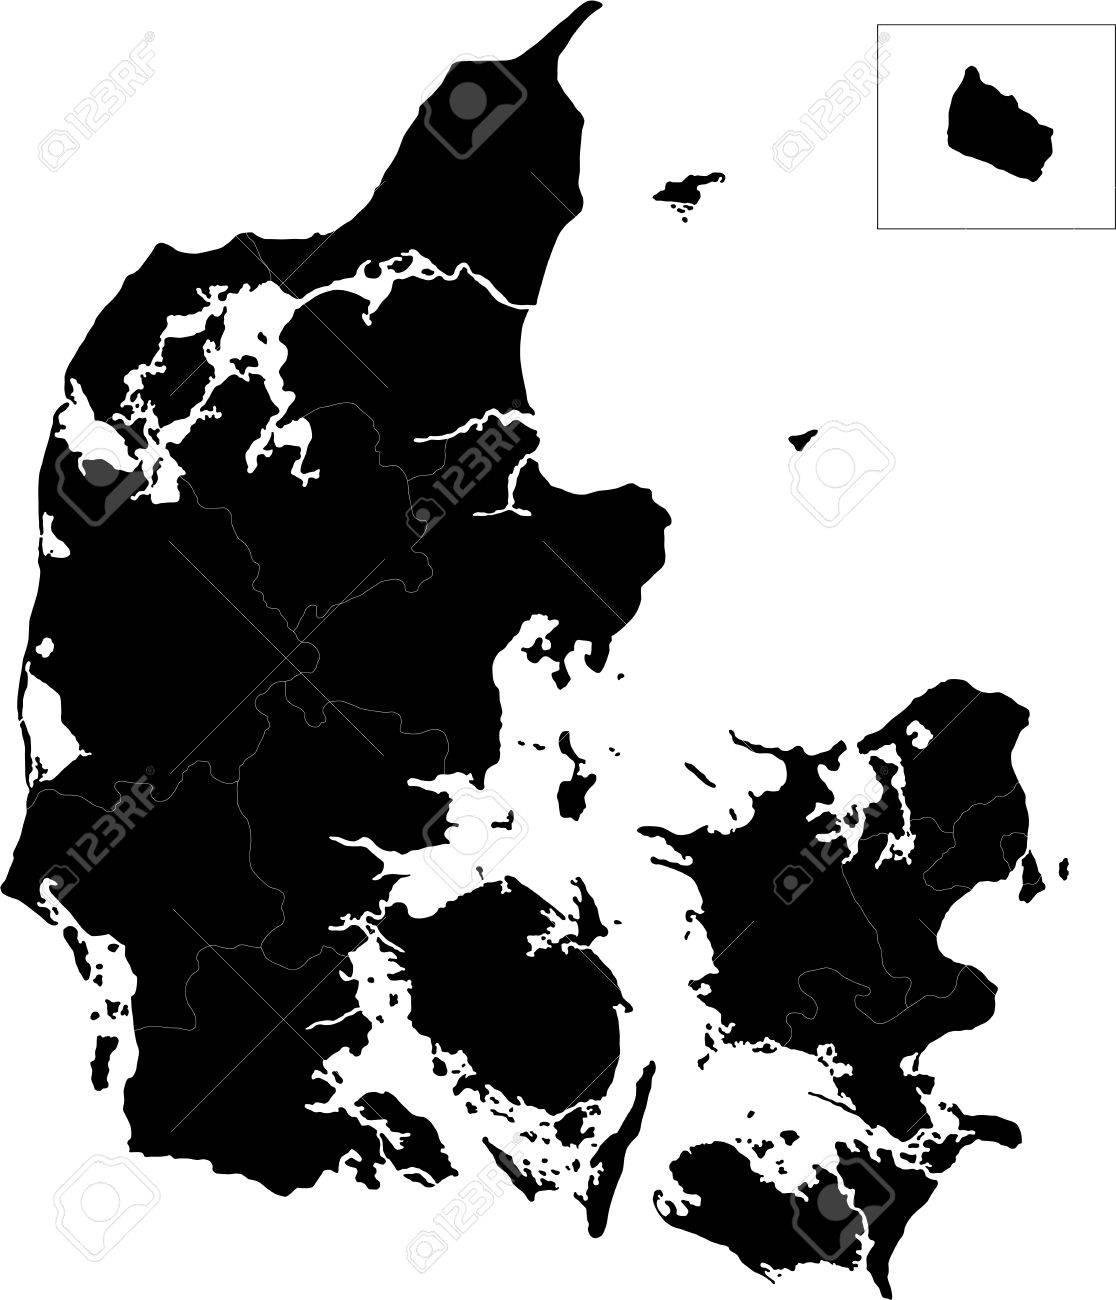 デンマークの地方行政区画の地図...